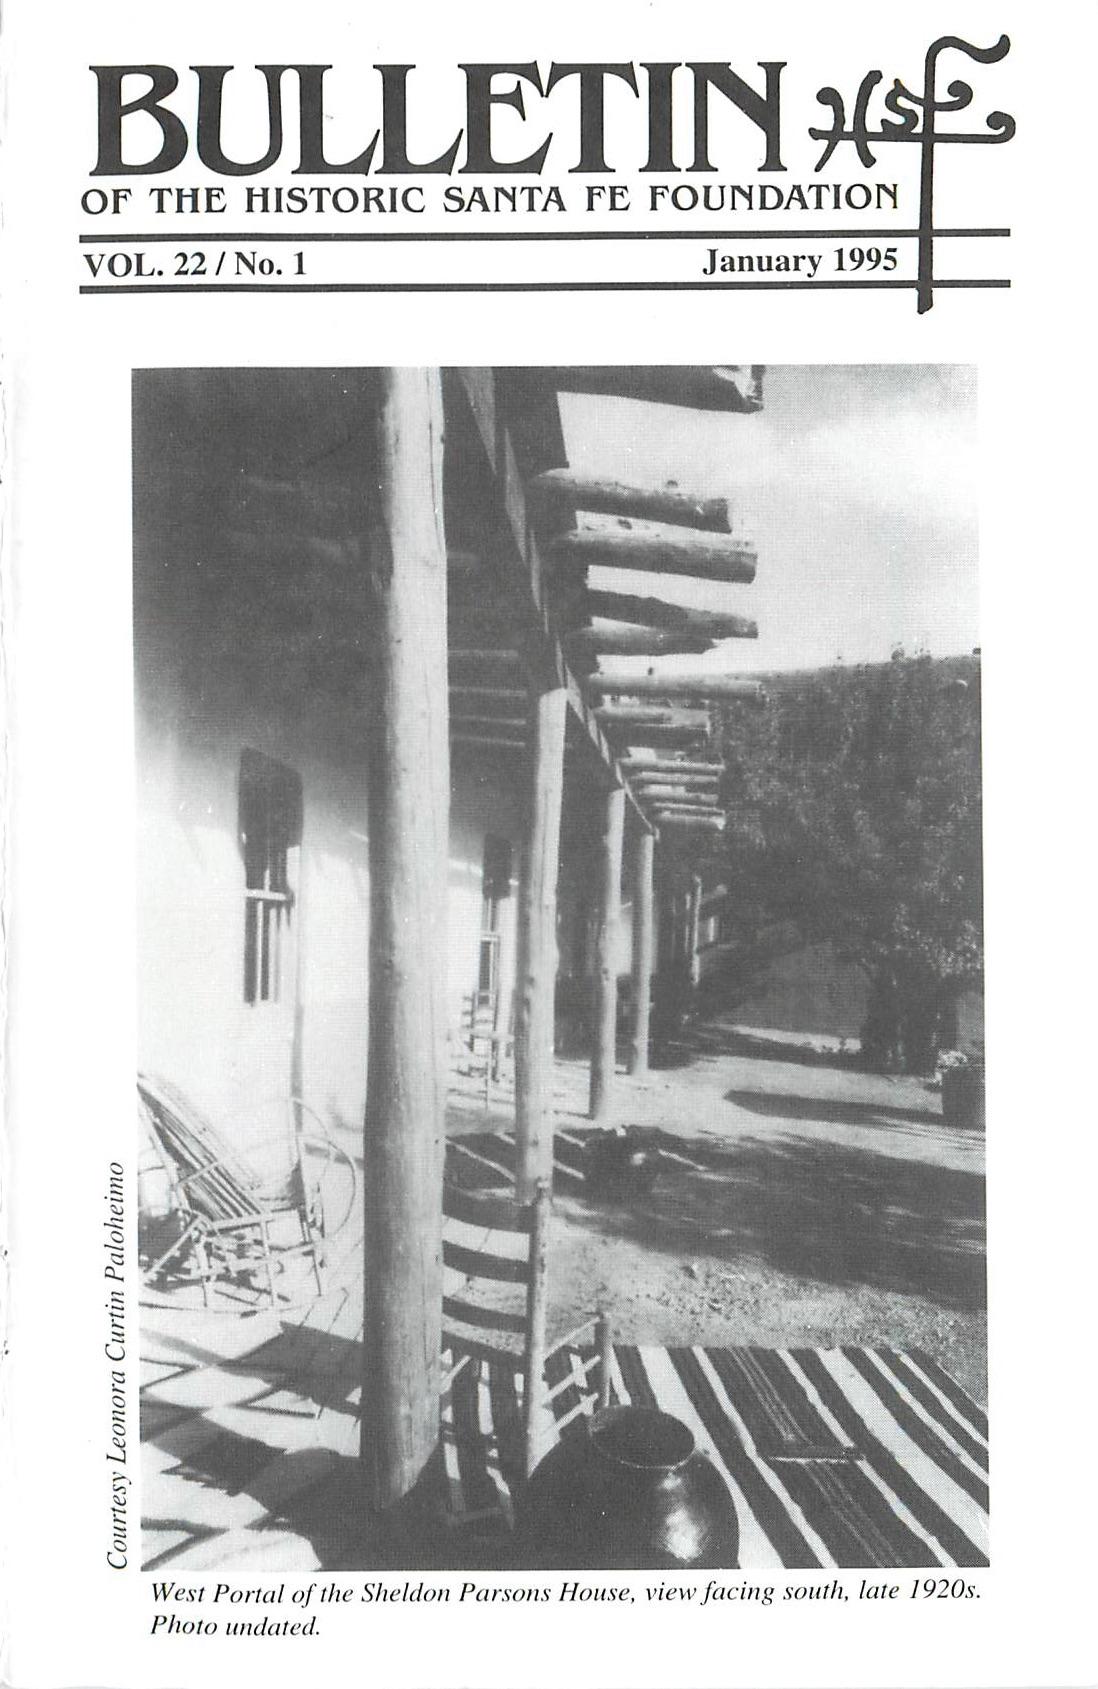 1995 HSFF Bulletin Vol.22 No.1 Cover